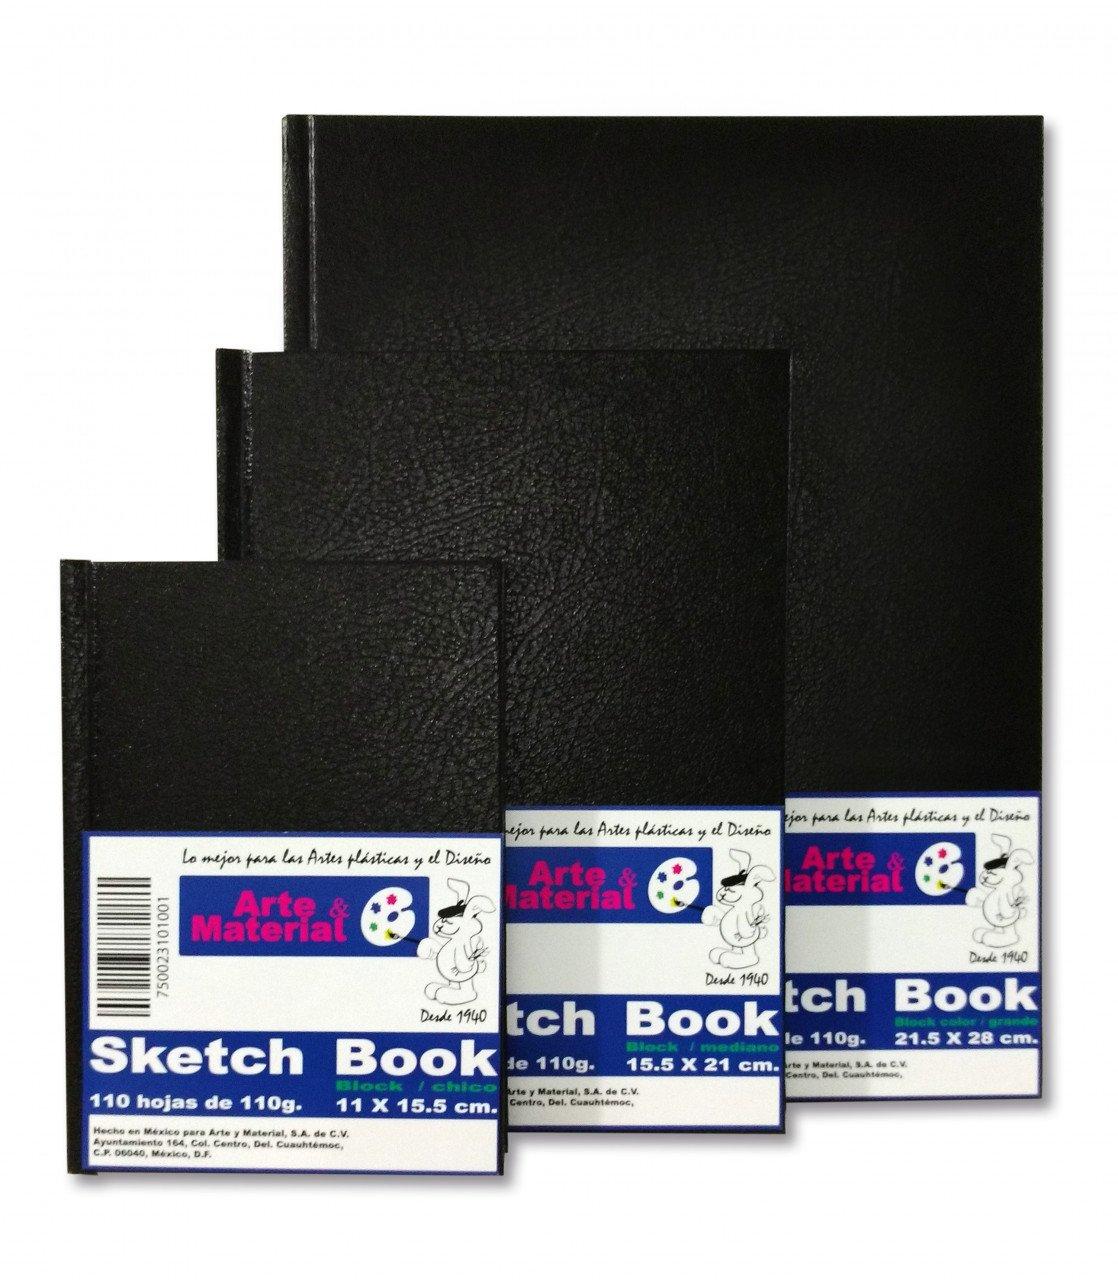 Block Sketch Arte & Material